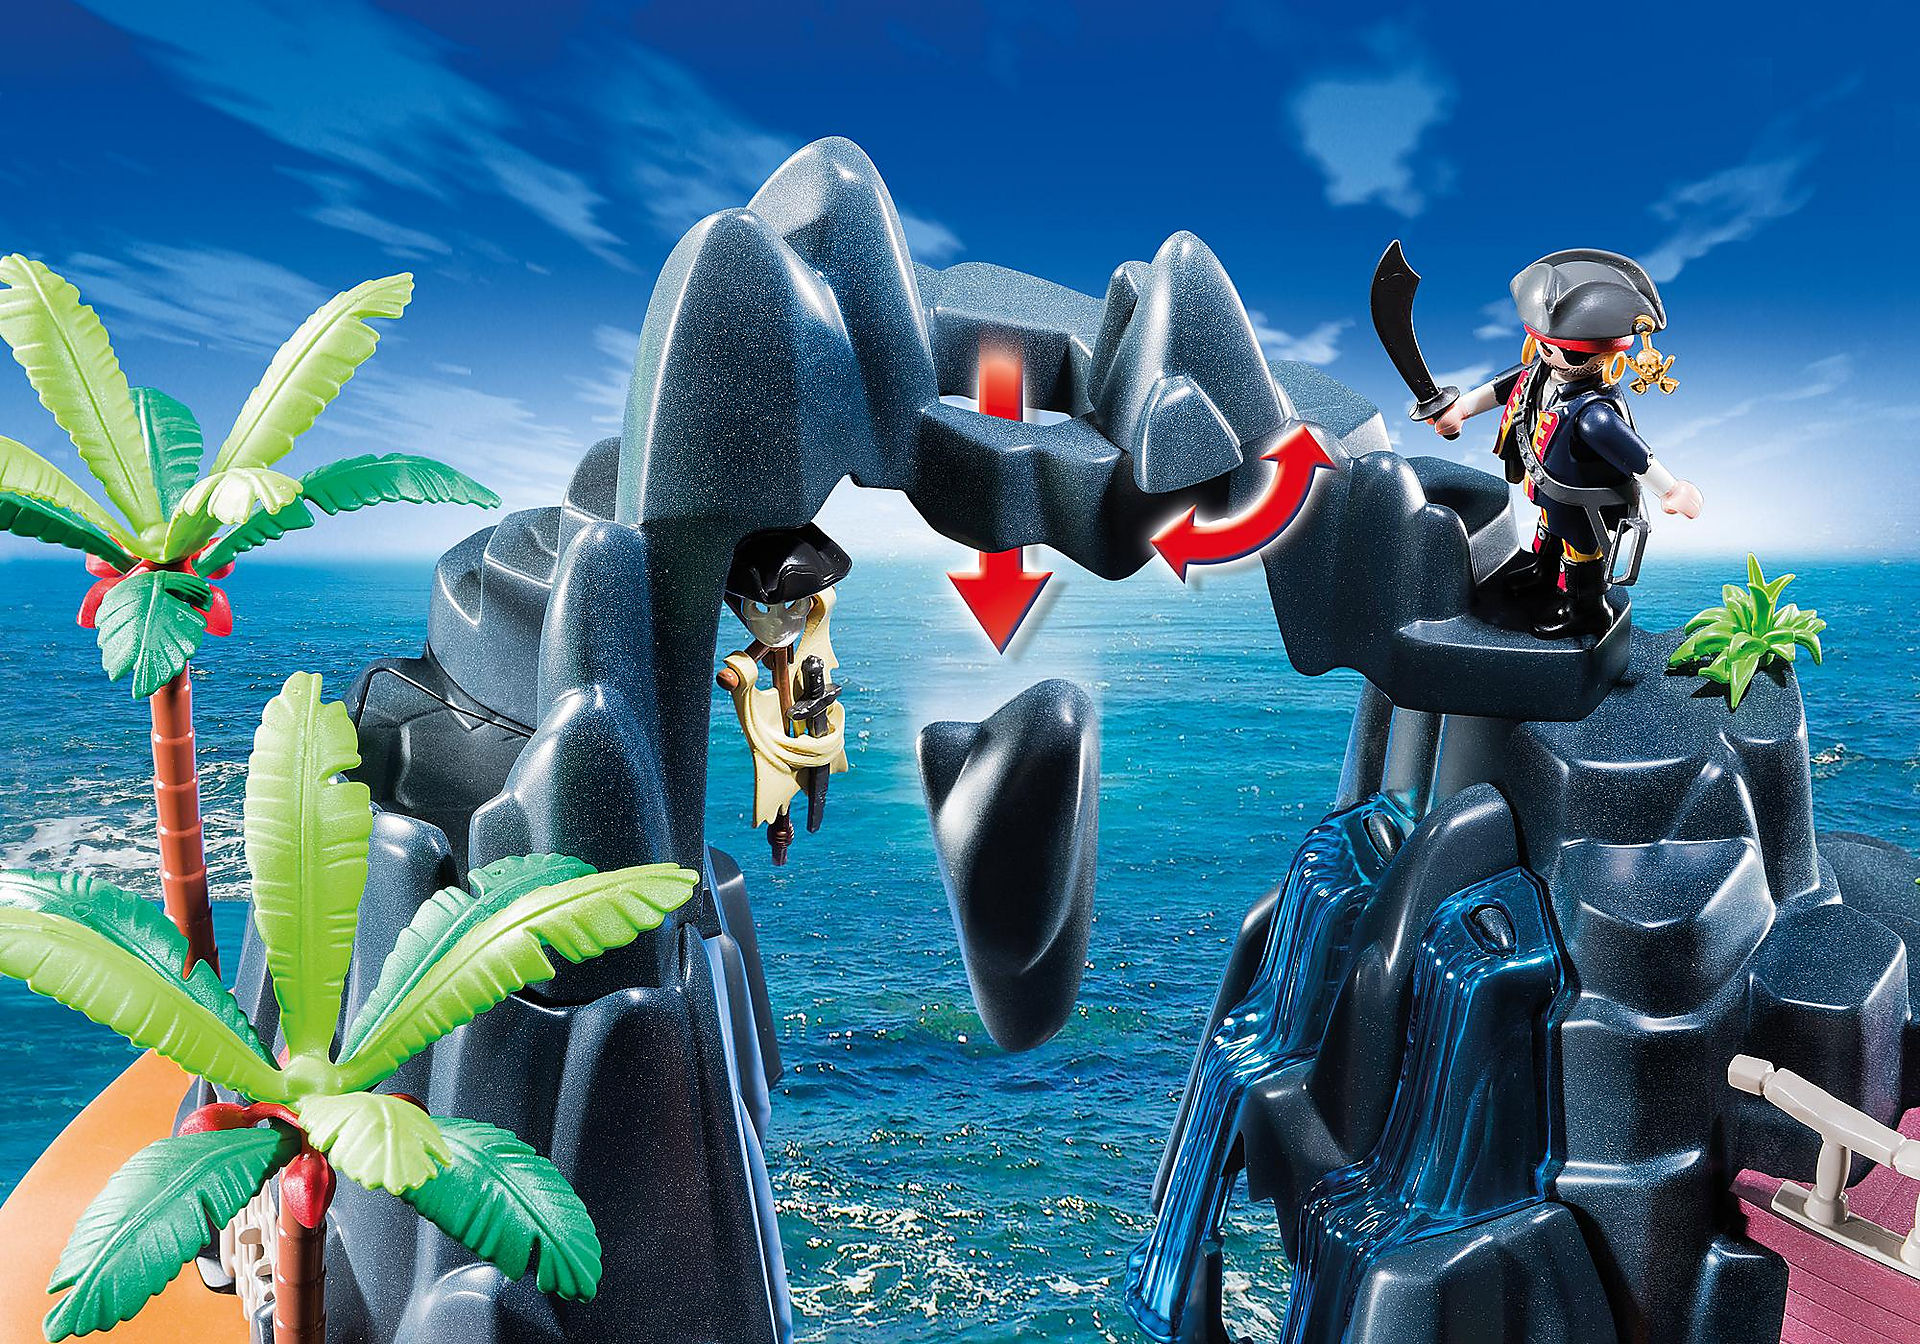 http://media.playmobil.com/i/playmobil/6679_product_extra5/Skattö med pirater